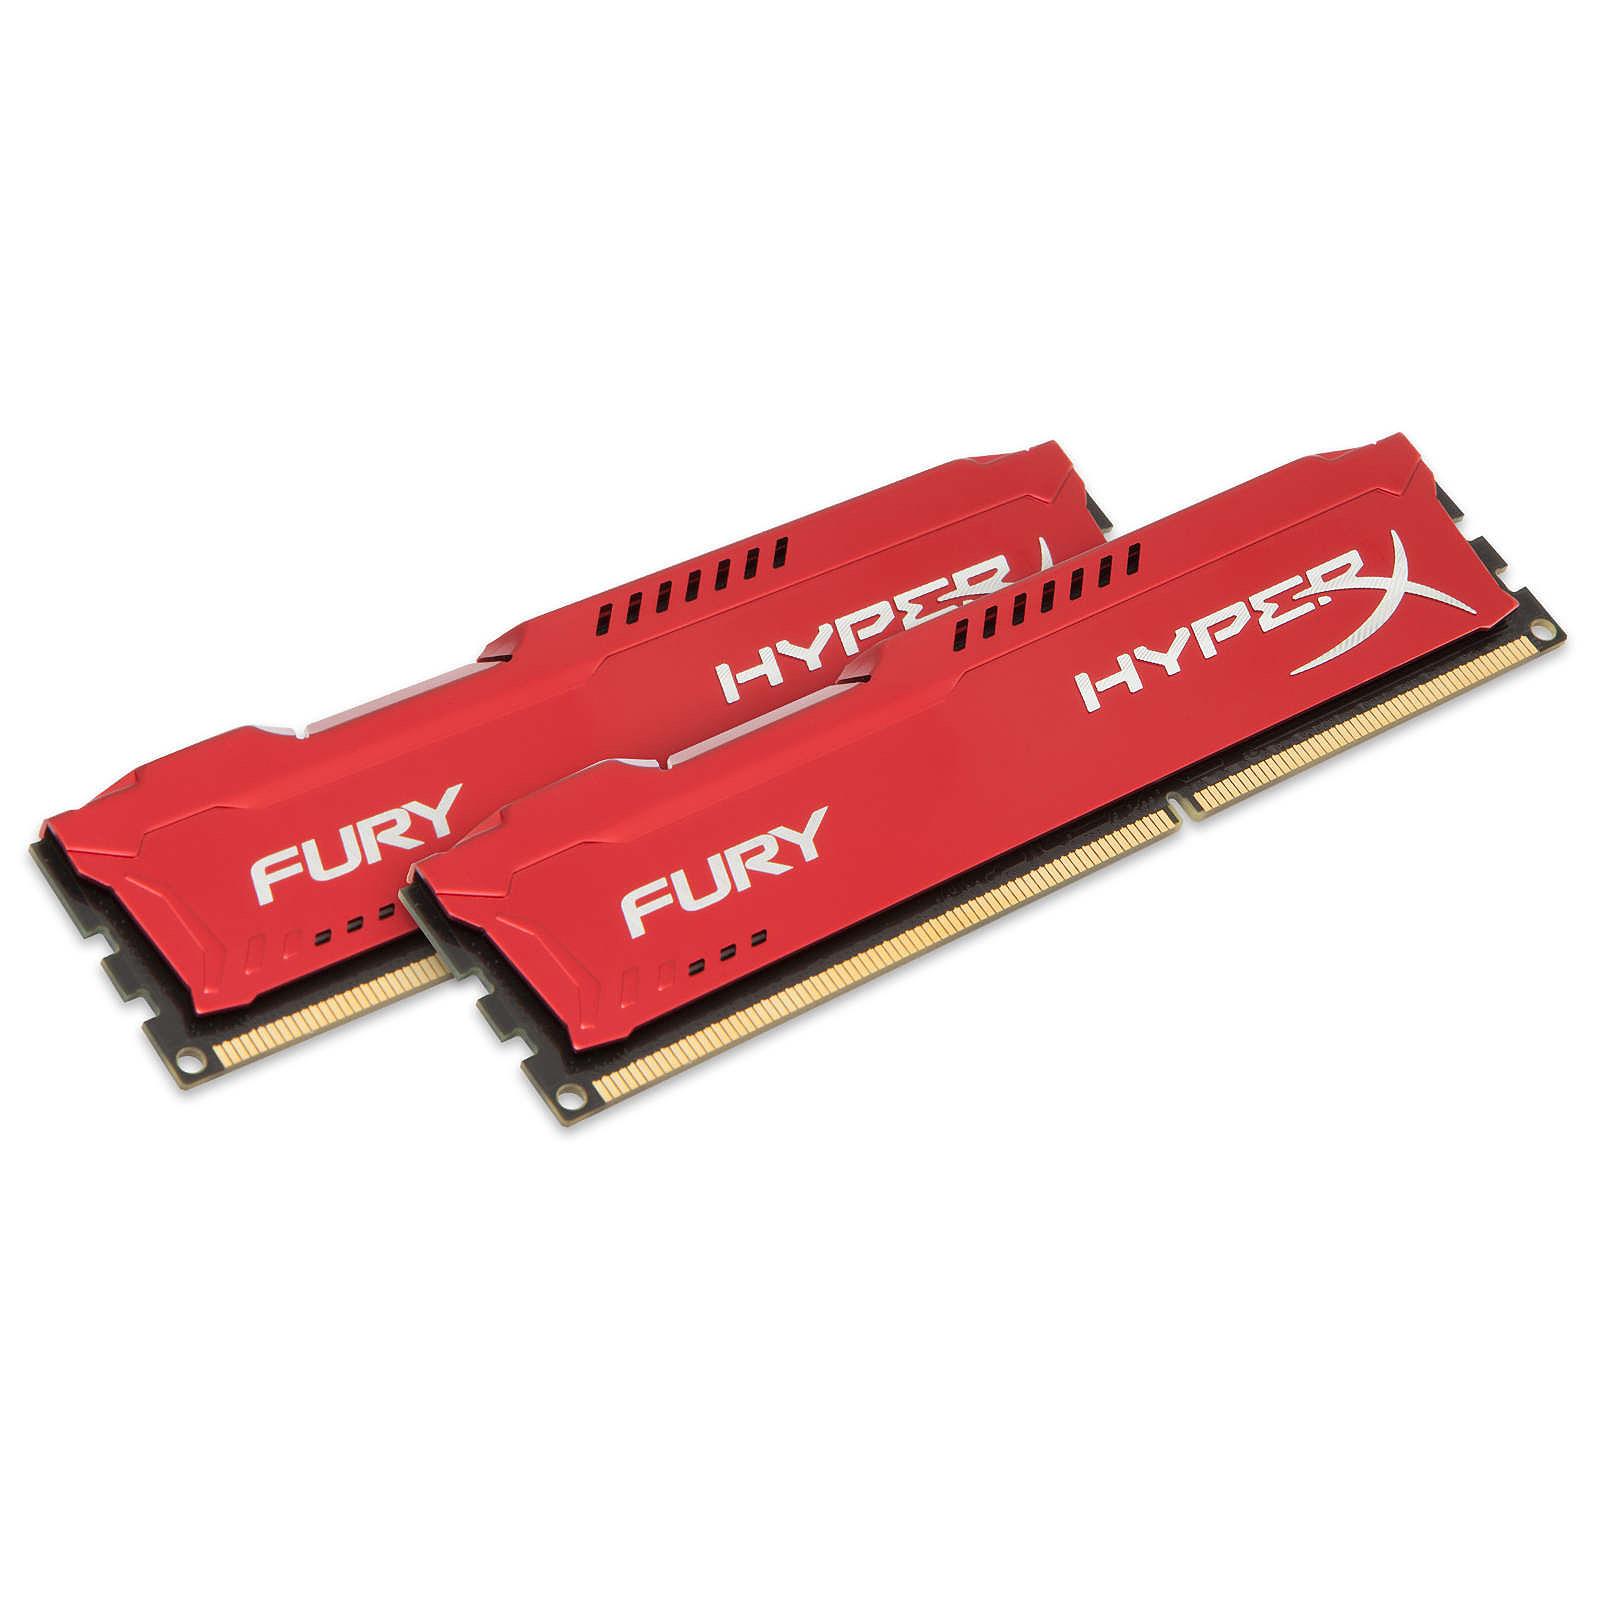 HyperX Fury 16 Go (2x 8Go) DDR3 1600 MHz CL10